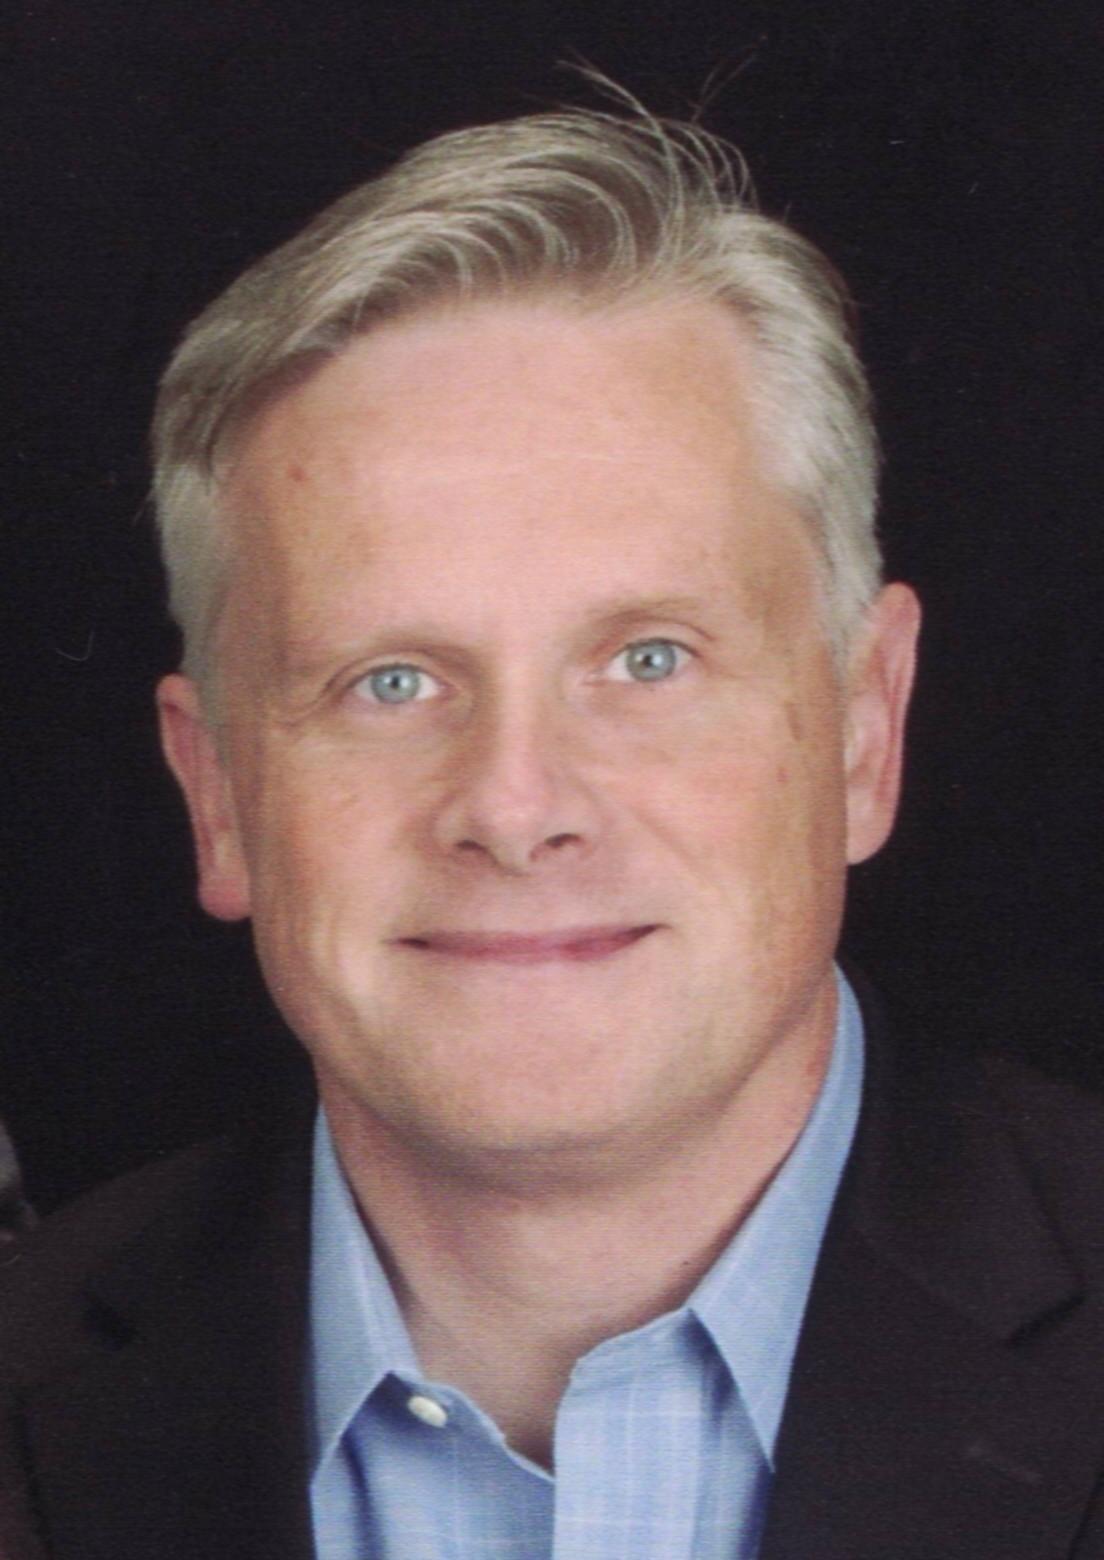 Erik Grimmer-Solem